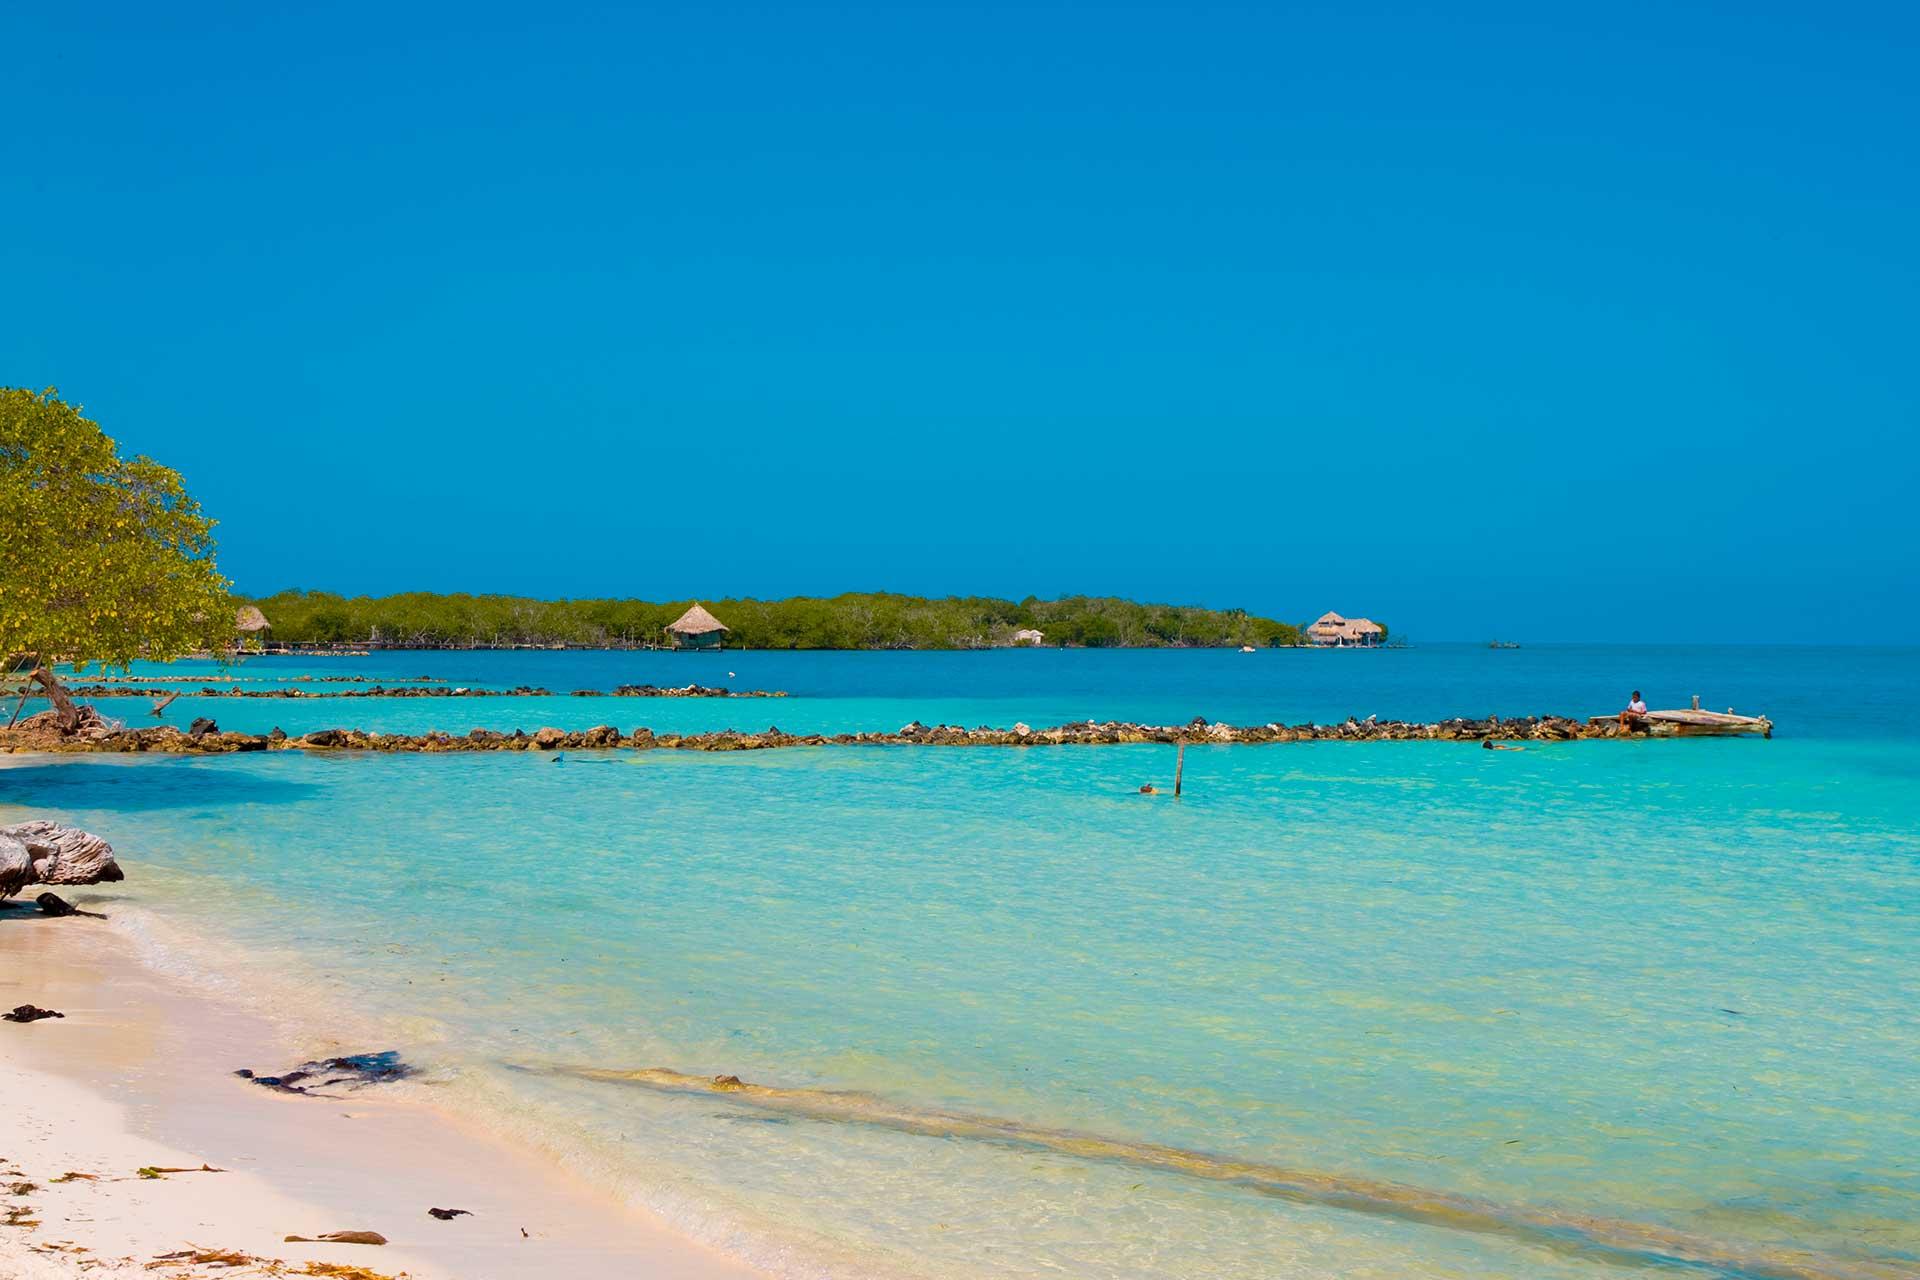 Magic Ocean - Servicio de Yates en Cartagena